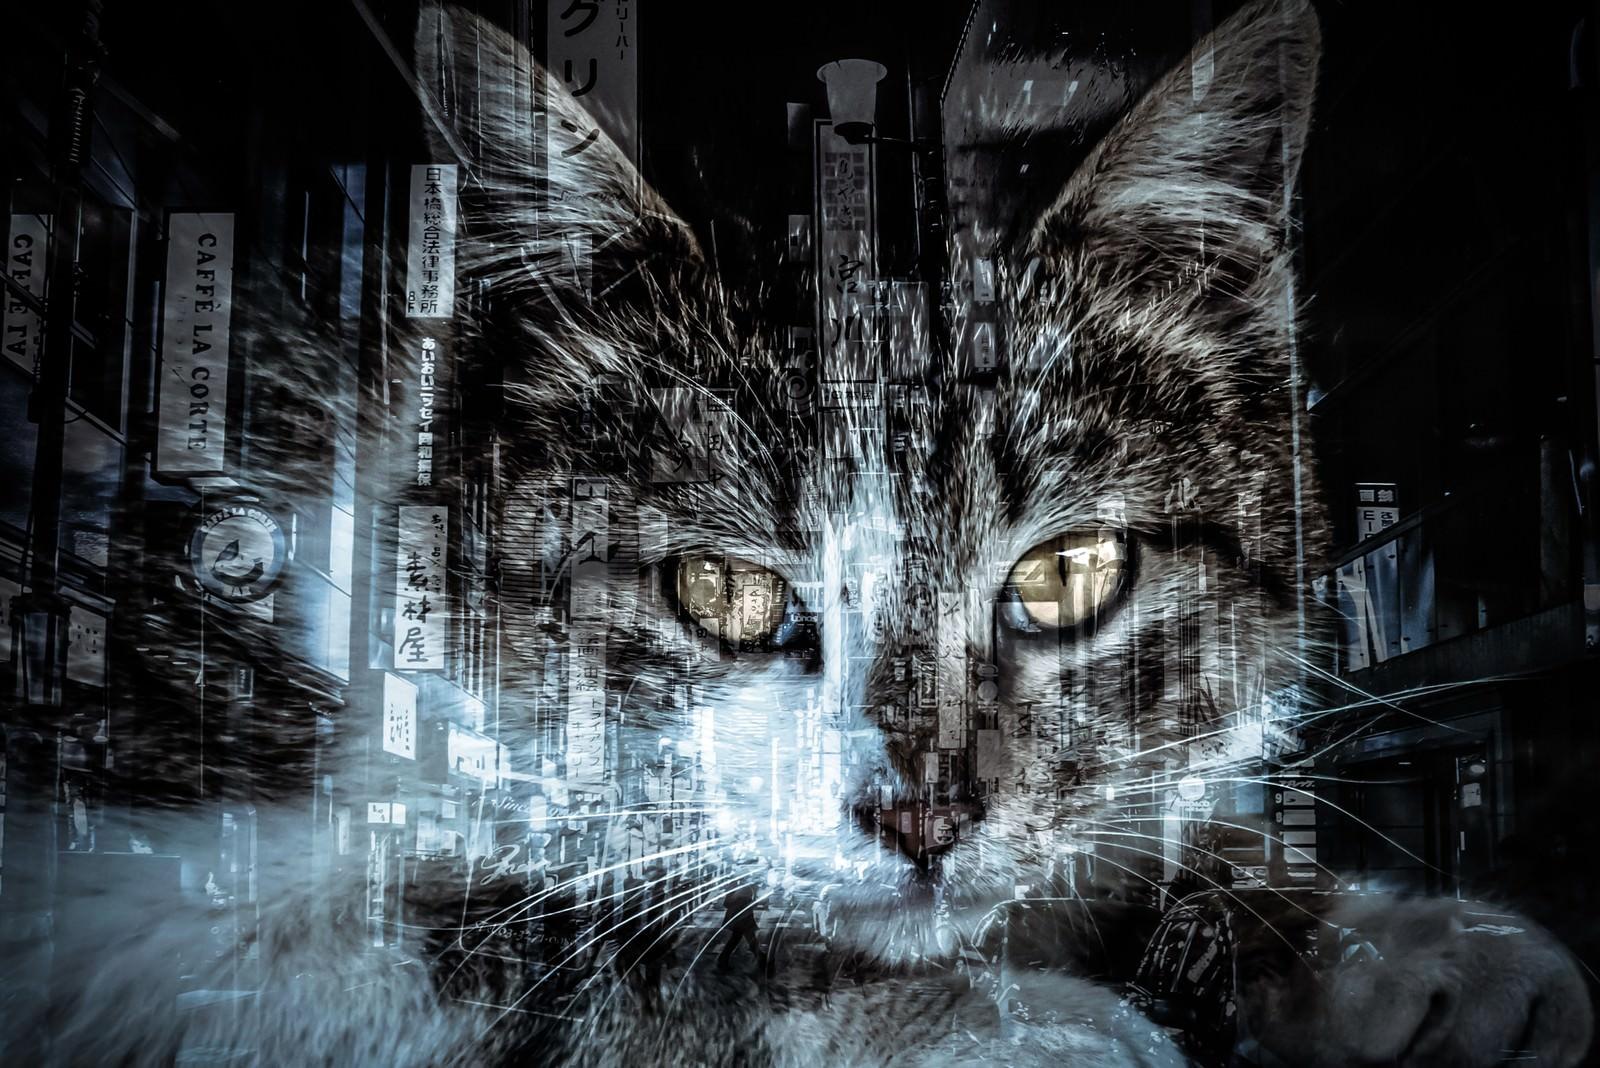 「猫と歓楽街(フォトモンタージュ)」の写真